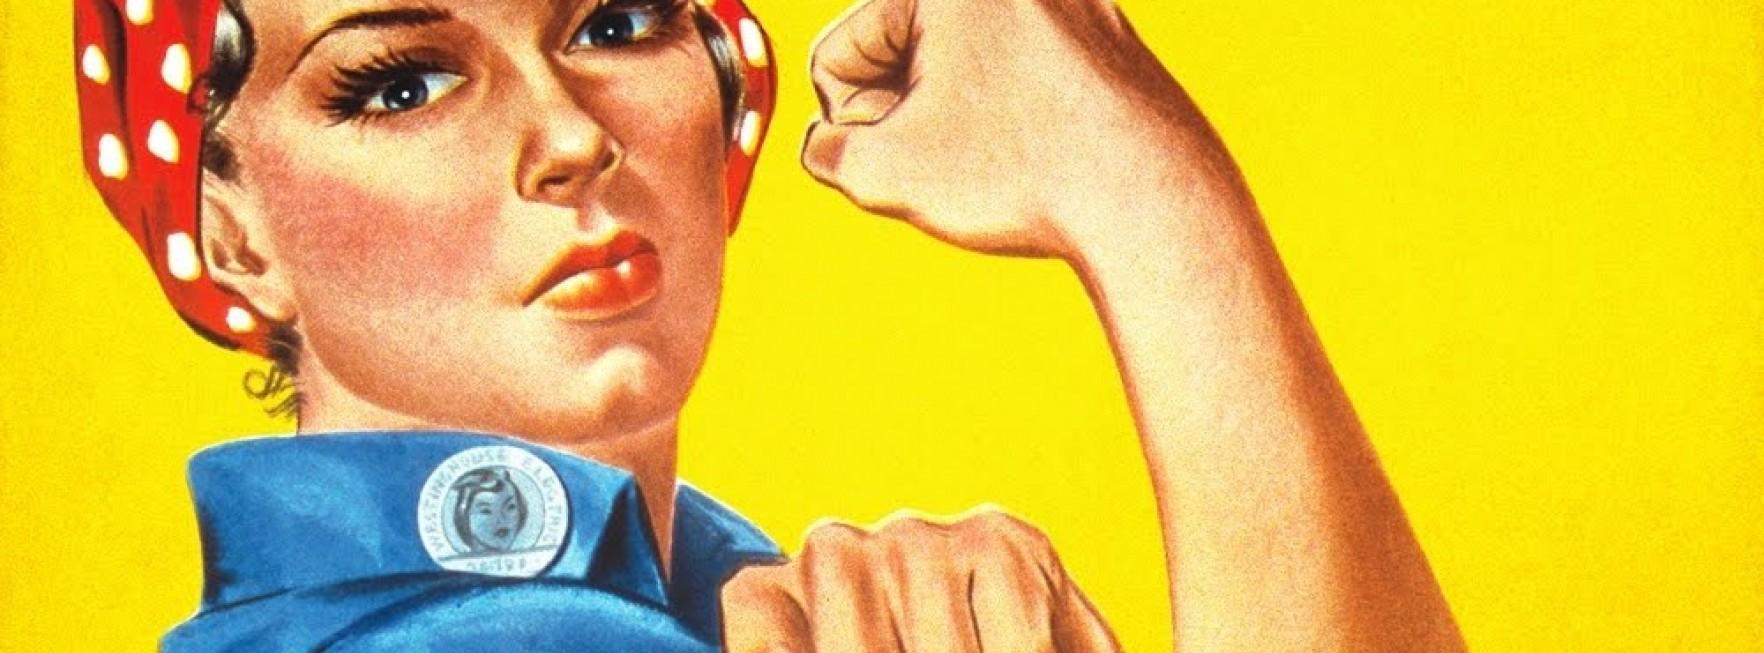 Каким стал новый феминизм?